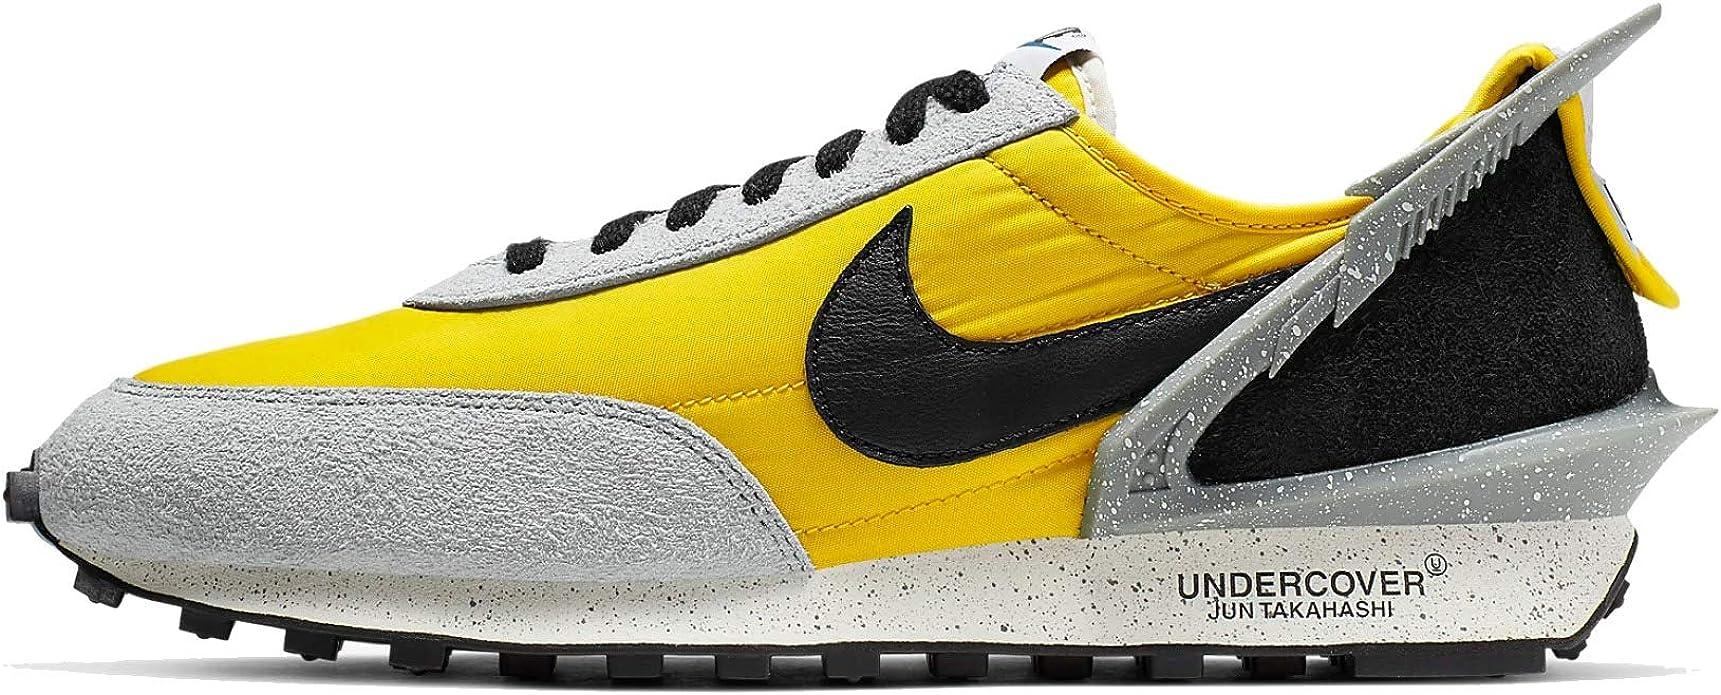 Ruidoso desierto Compadecerse  Amazon.com: Nike Dbreak/Undercover Bv4594-700 - Zapatillas para hombre:  Shoes